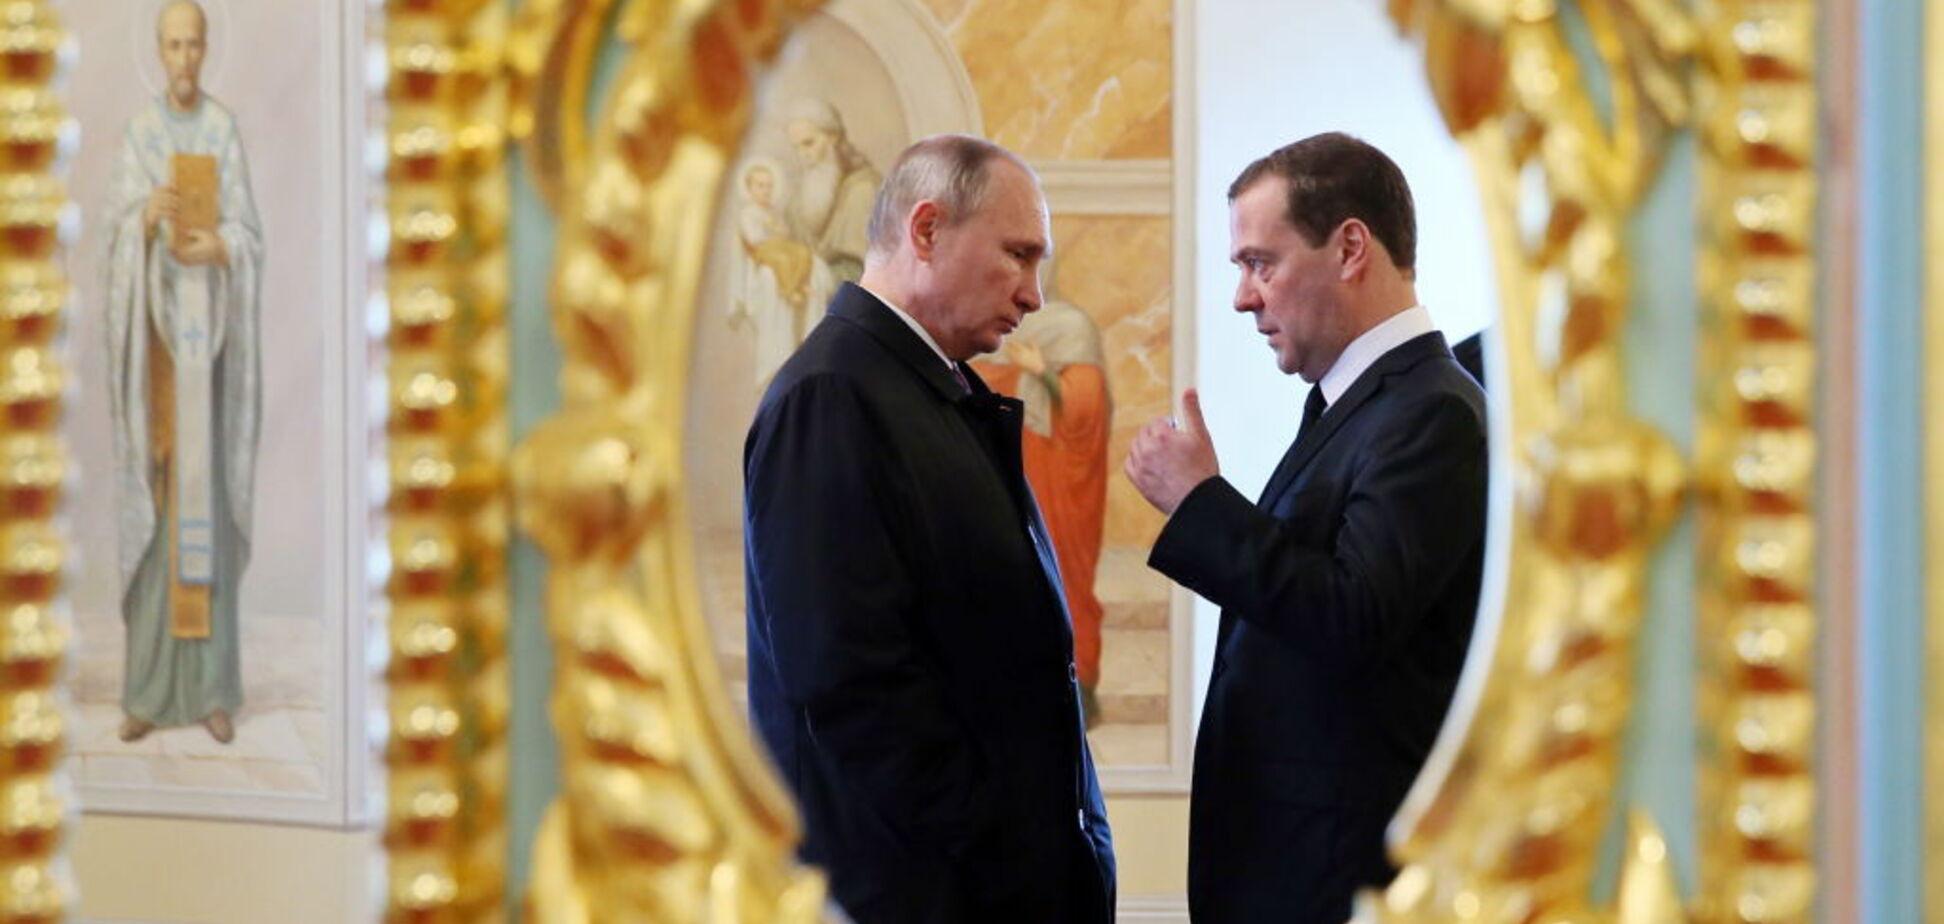 Путин выбрал наихудший сценарий передачи власти